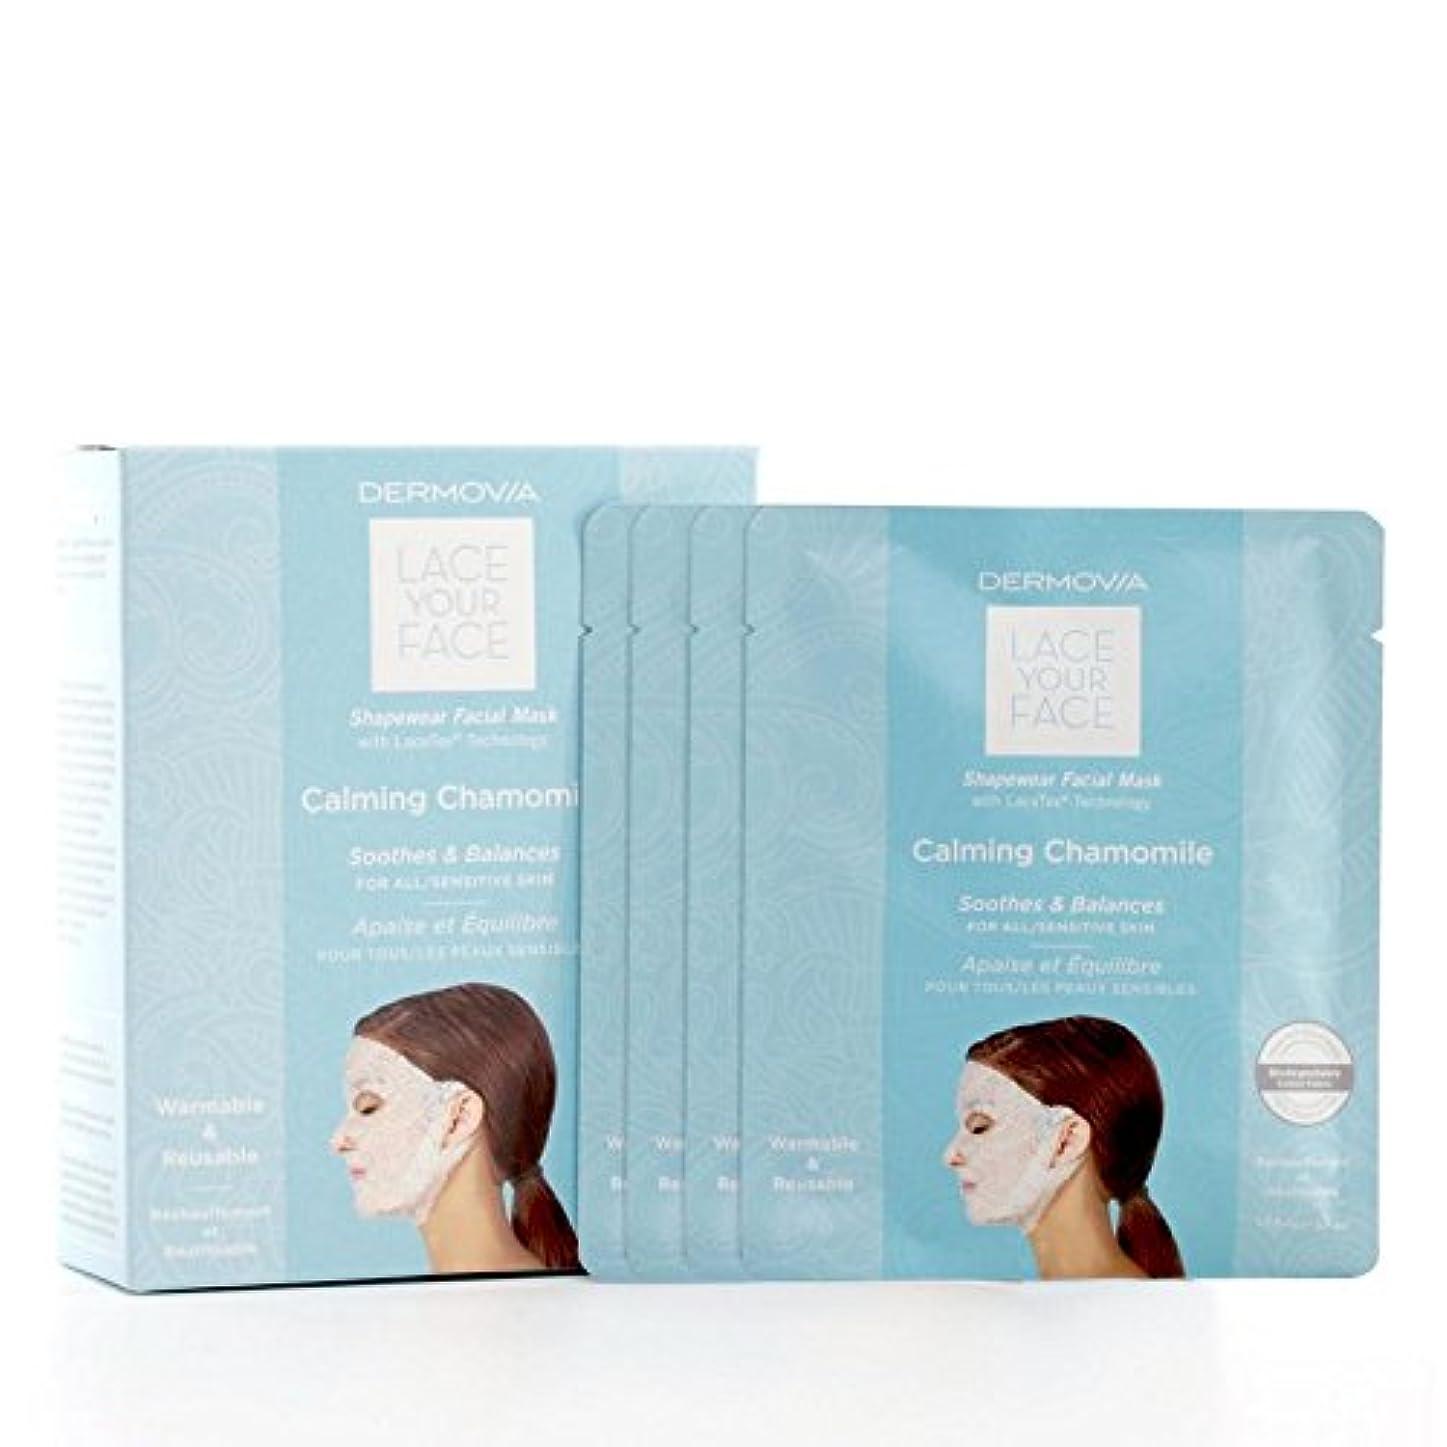 デザート甘くする裁判官Dermovia Lace Your Face Compression Facial Mask Calming Chamomile - は、あなたの顔の圧縮フェイシャルマスク心を落ち着かせるカモミールをひもで締めます [...